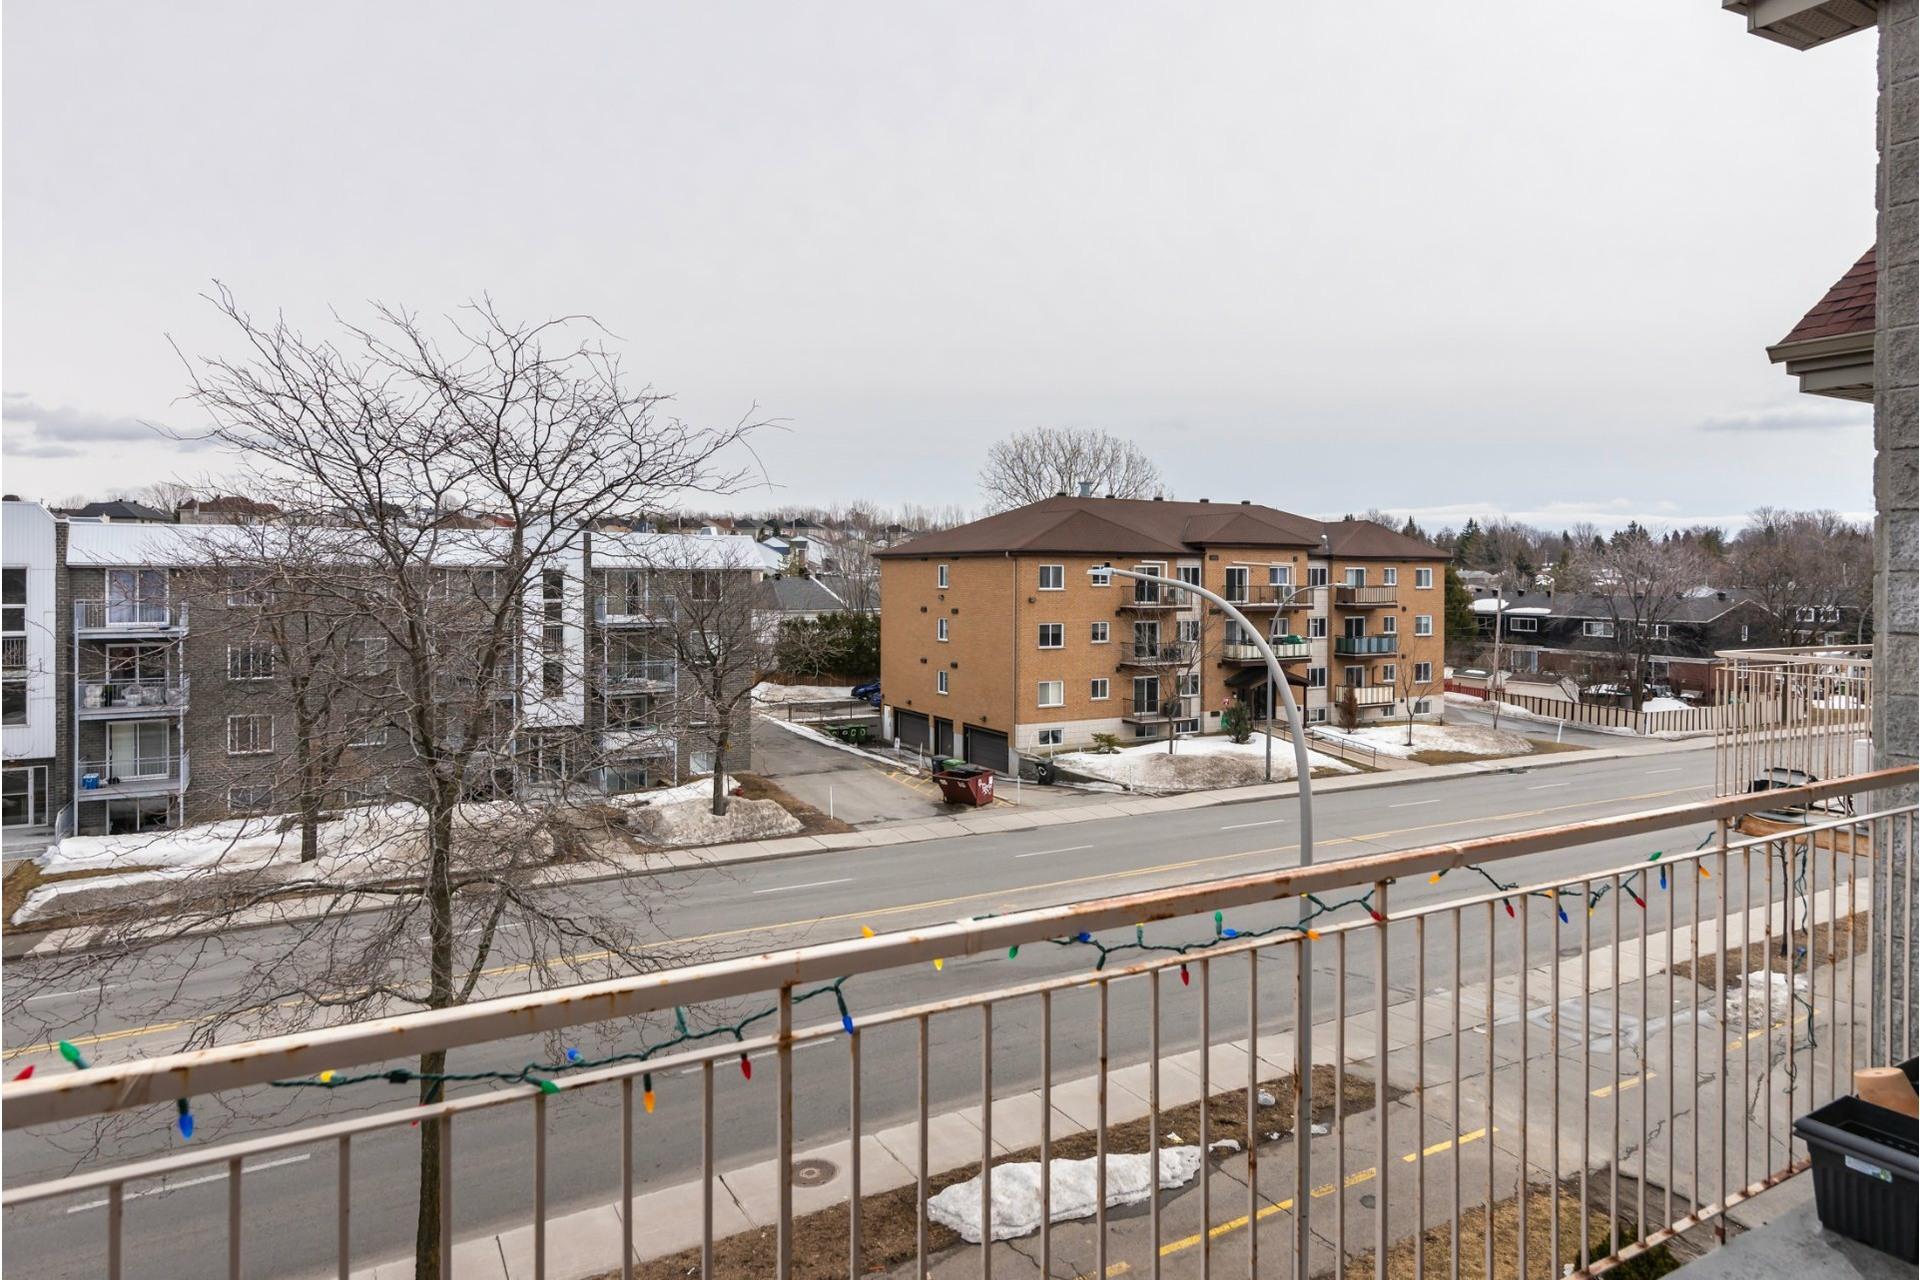 image 26 - Appartement À vendre Pierrefonds-Roxboro Montréal  - 8 pièces